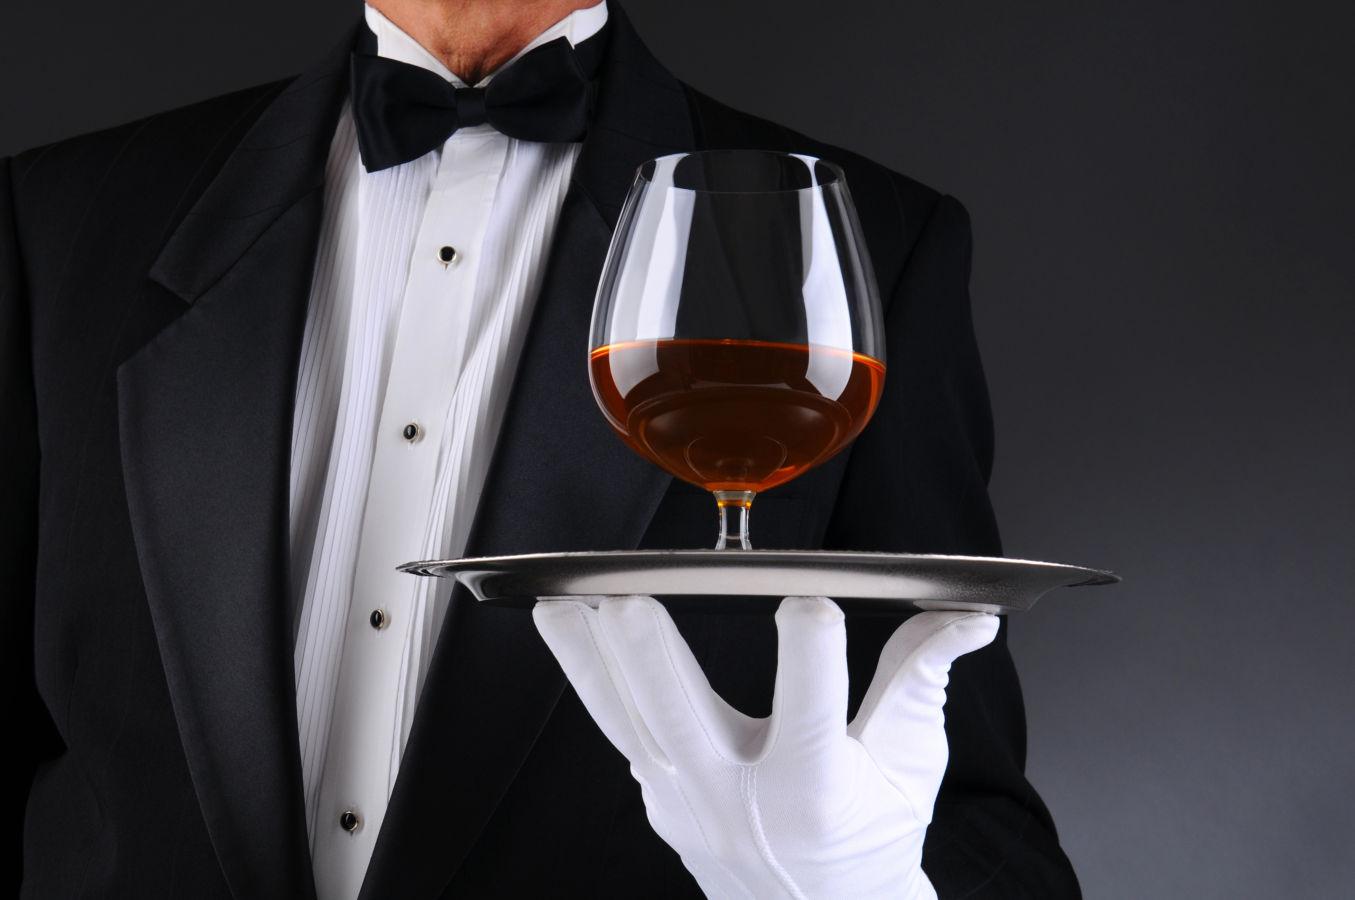 Průvodce perfektní obsluhou  III. – Správný servis aperitivů